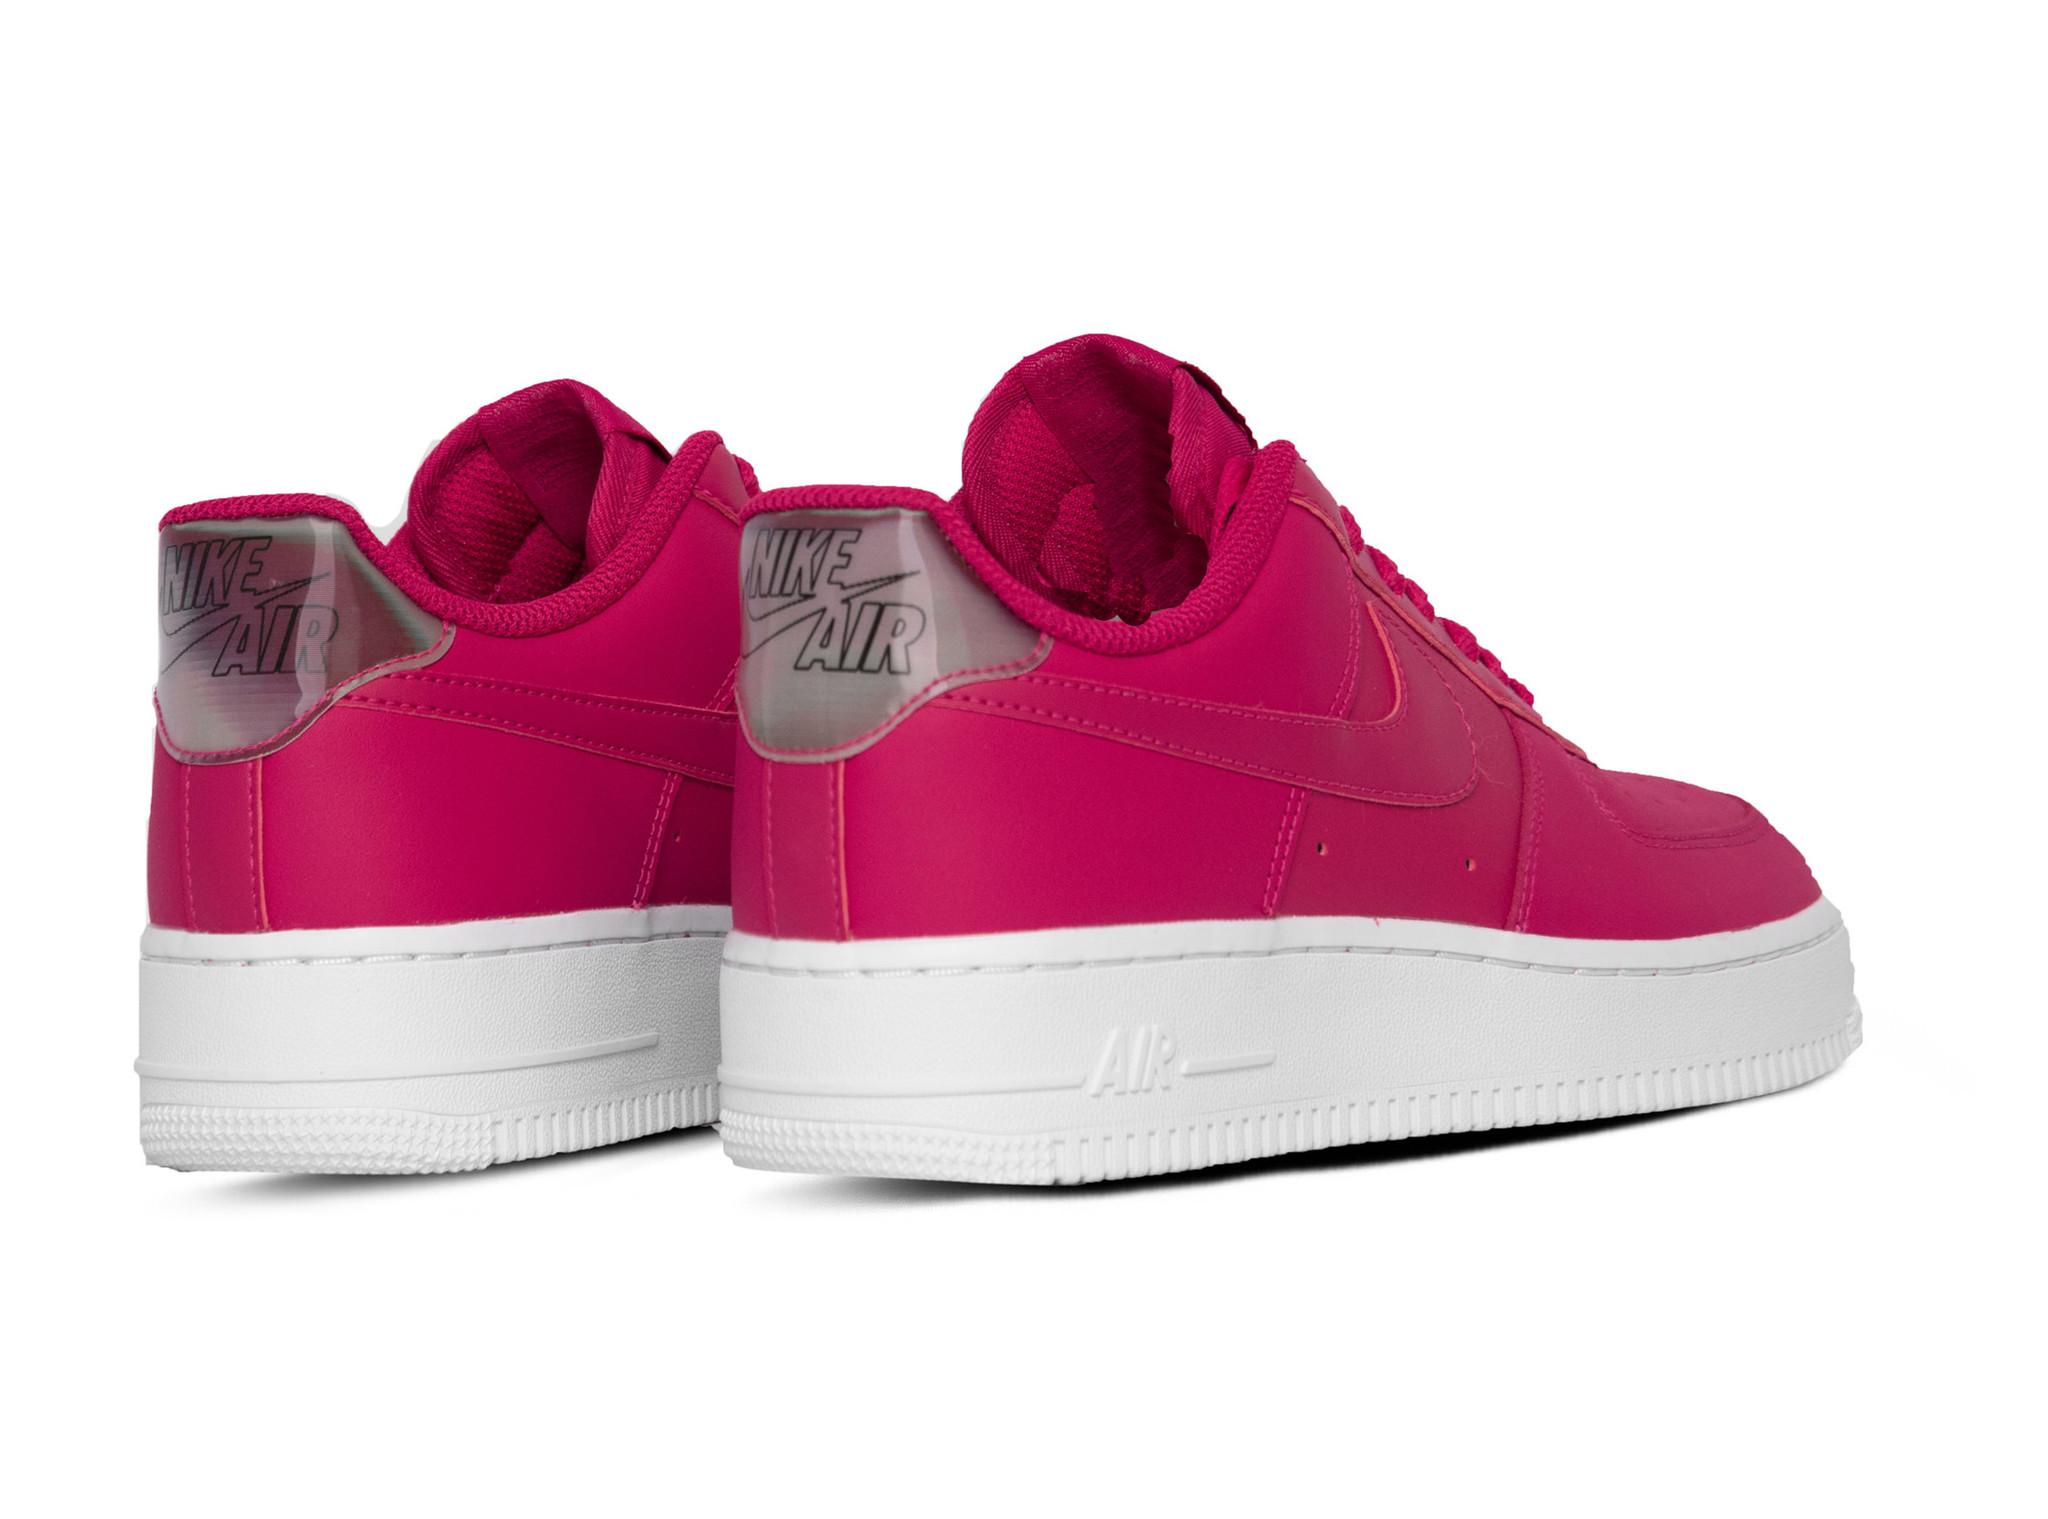 Rabatt Nike Air Force 1 '07 Essential W Rosa www